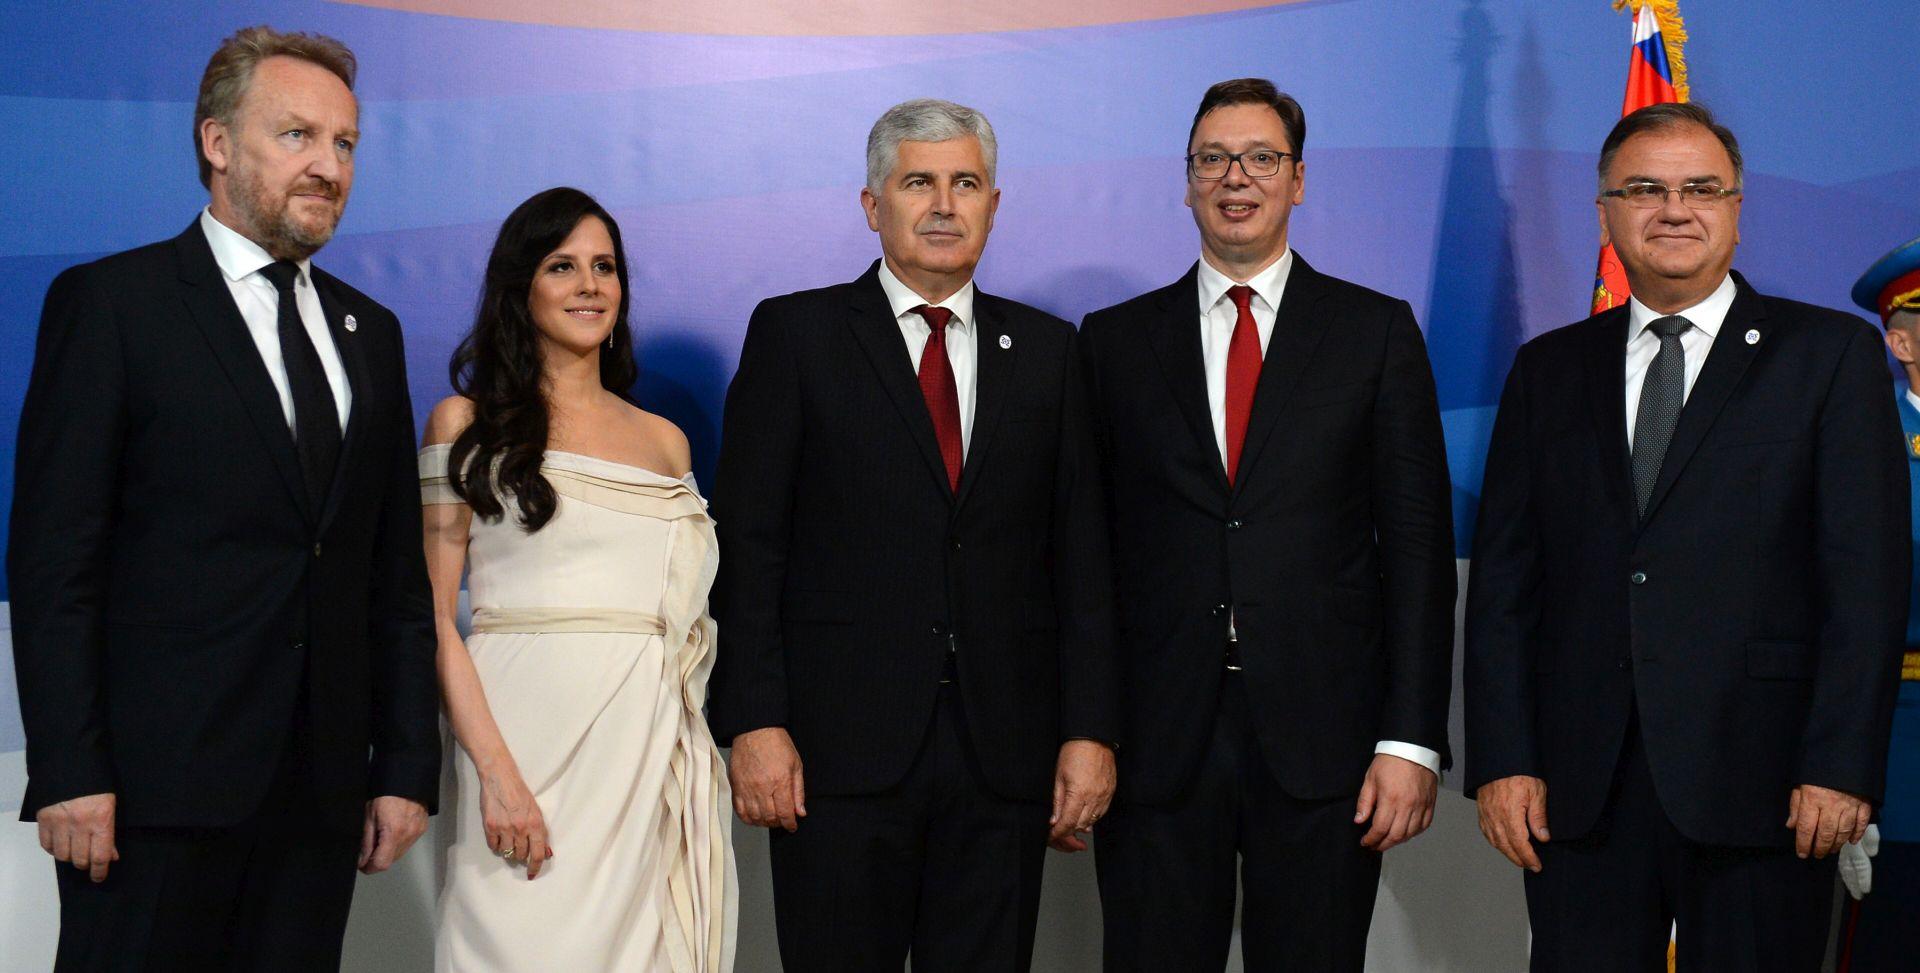 Vučić rekao kako se Srbija mijenja i kako je vrijeme da prijeđe provalije prošlosti prema susjedima